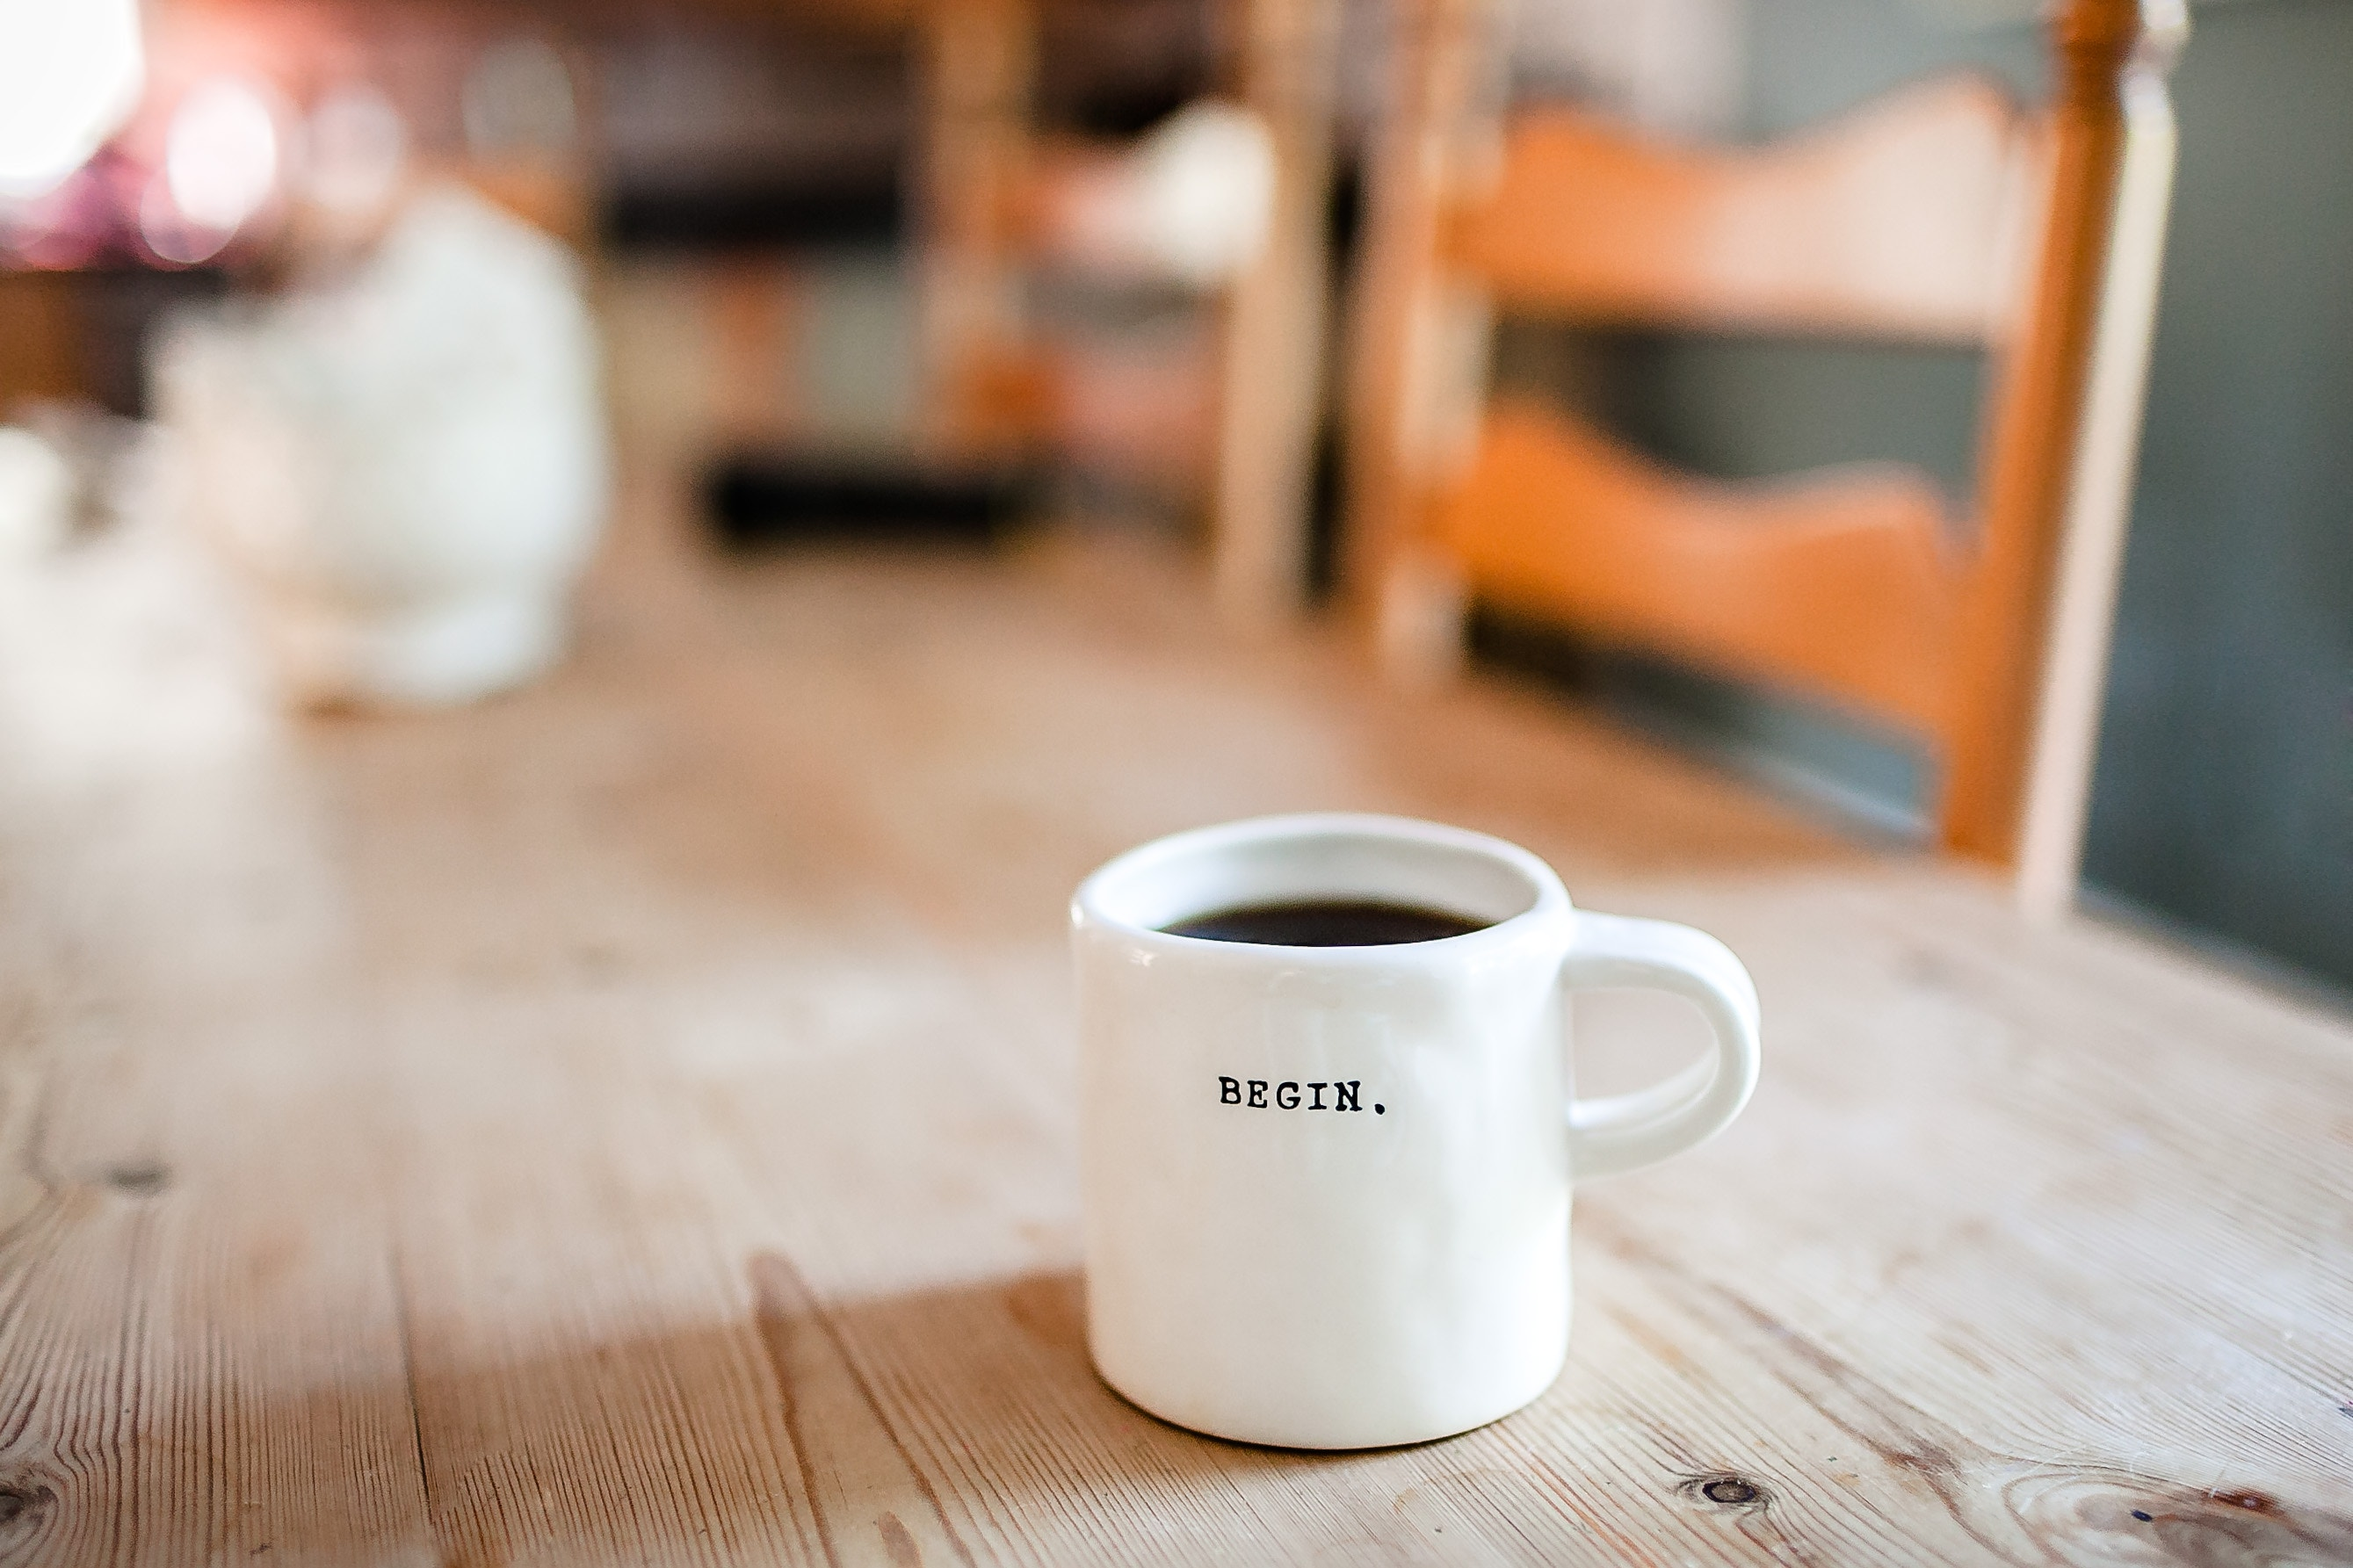 begincoffeemug